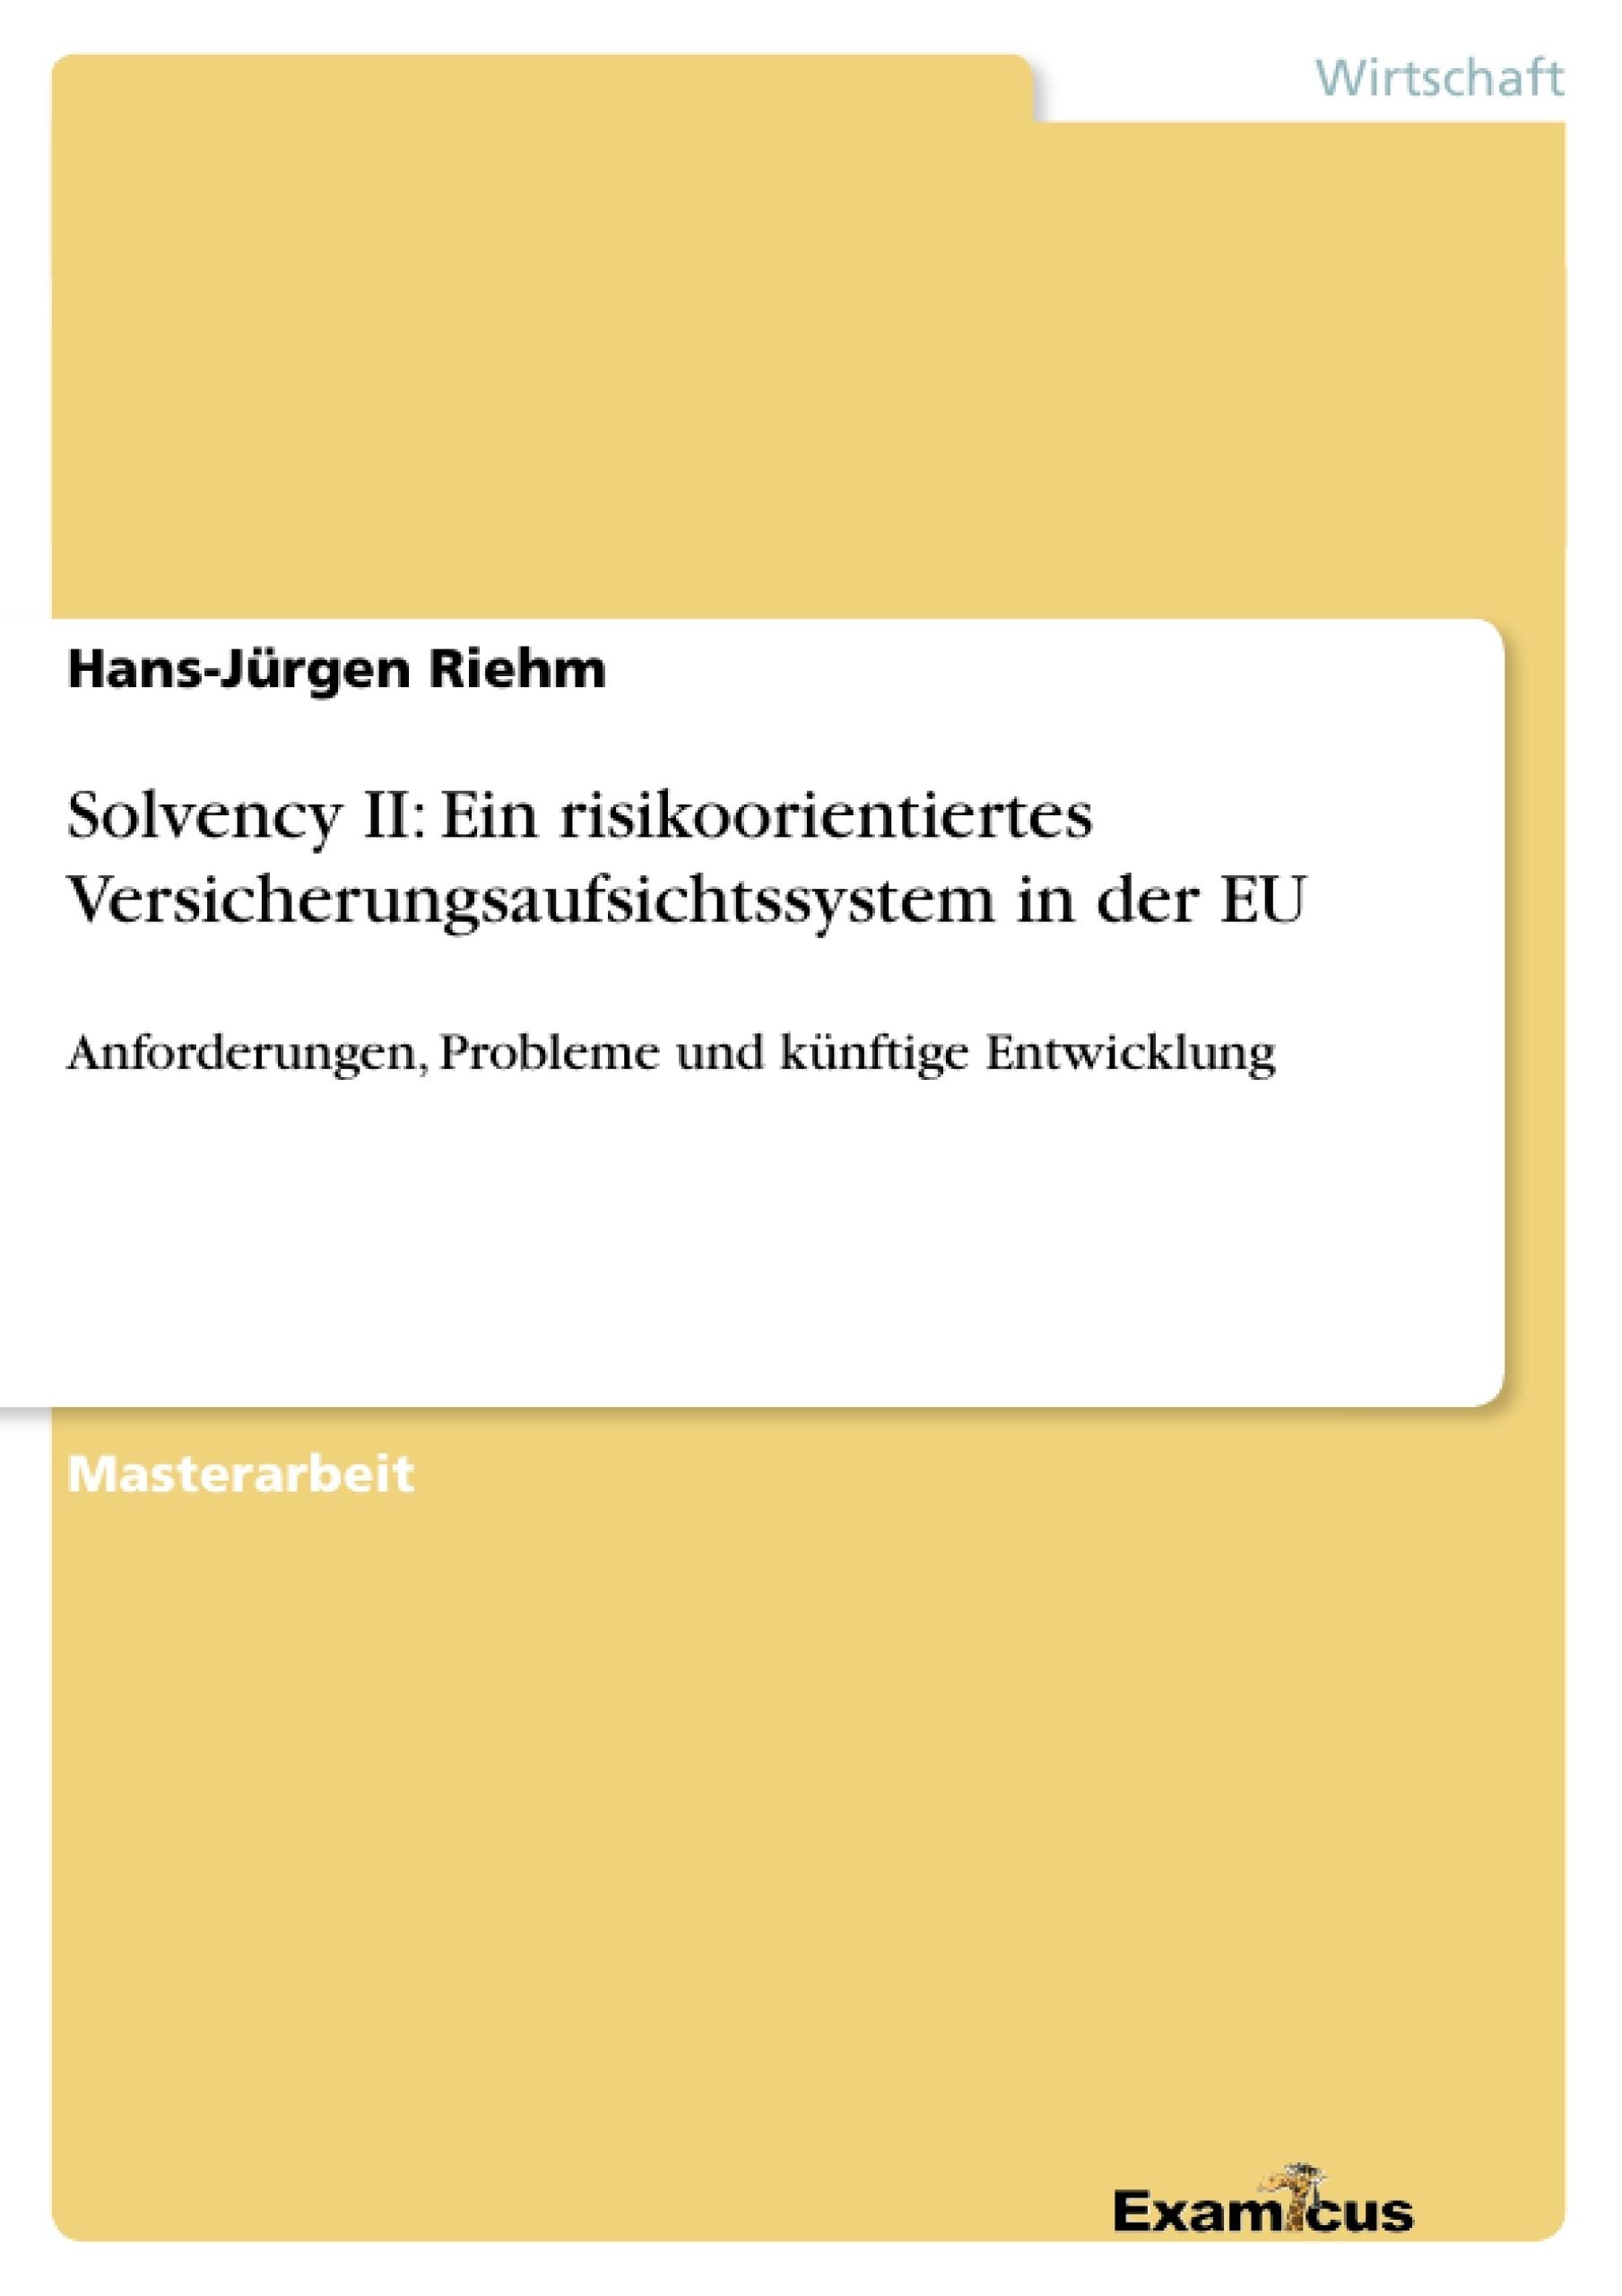 Titel: Solvency II: Ein risikoorientiertes Versicherungsaufsichtssystem in der EU